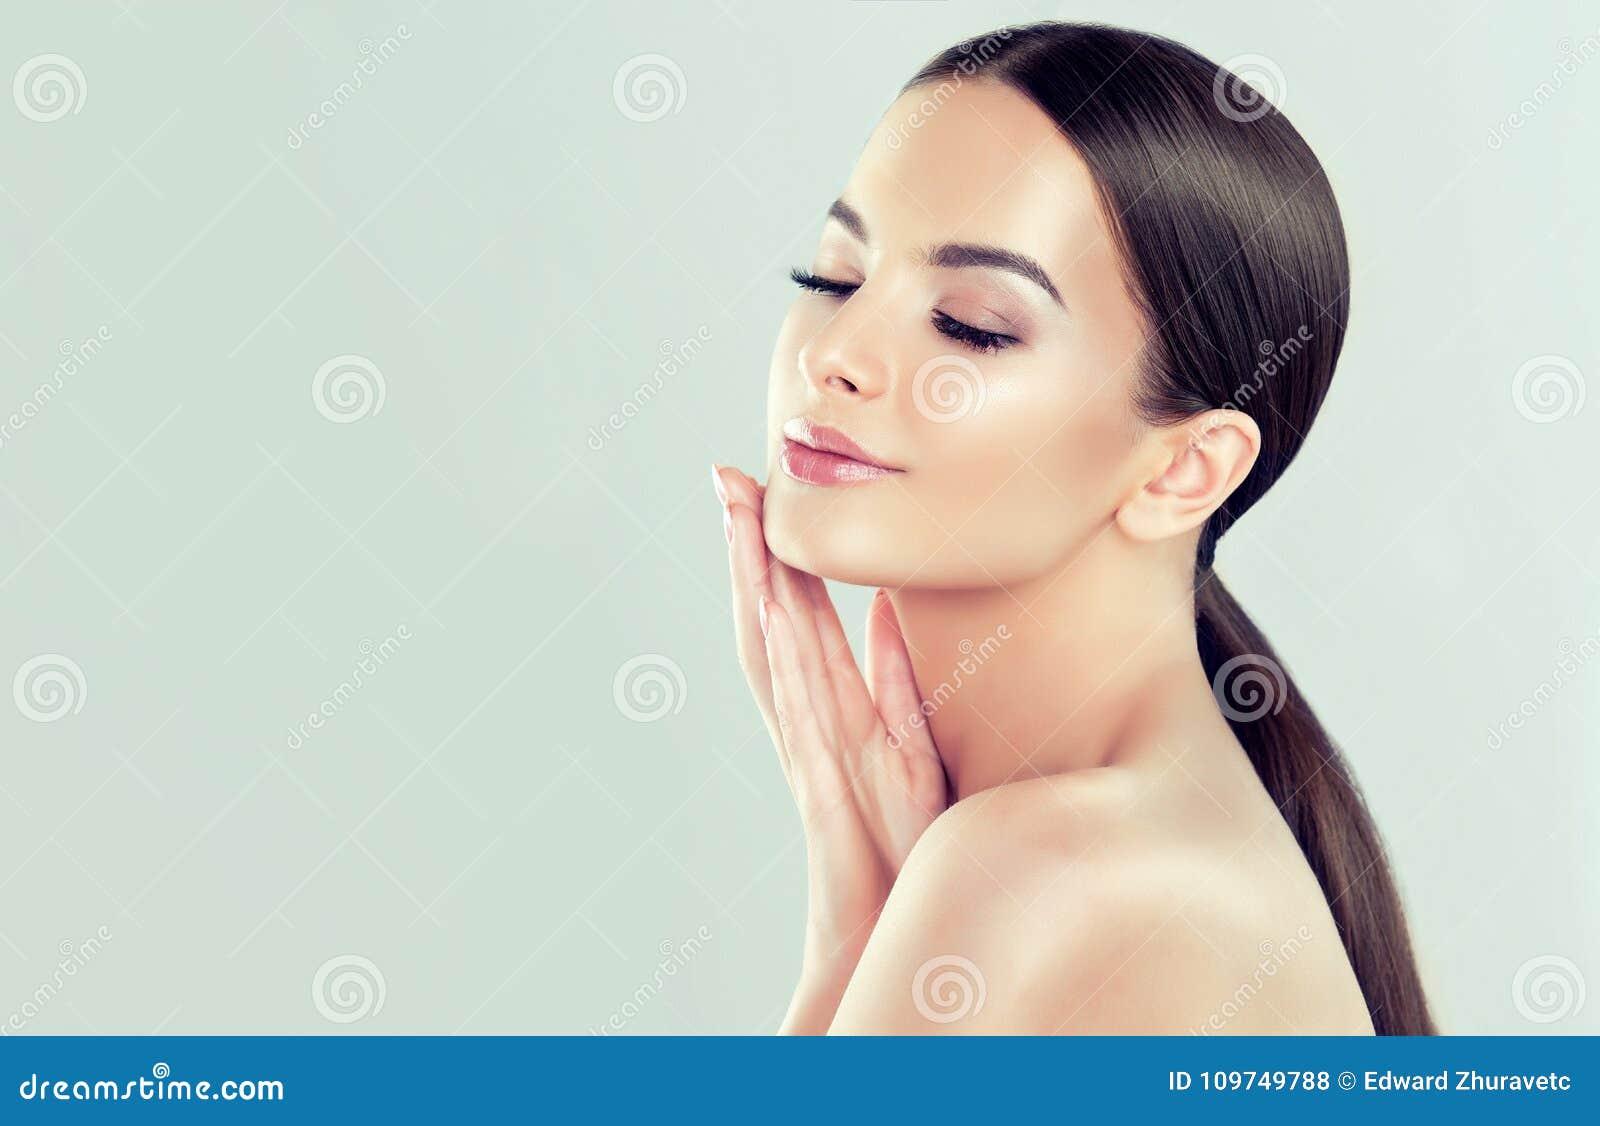 Stående av den unga kvinnan med ren ny hud och mjukt delikat smink Kvinnan är rörande till egen framsida ömt